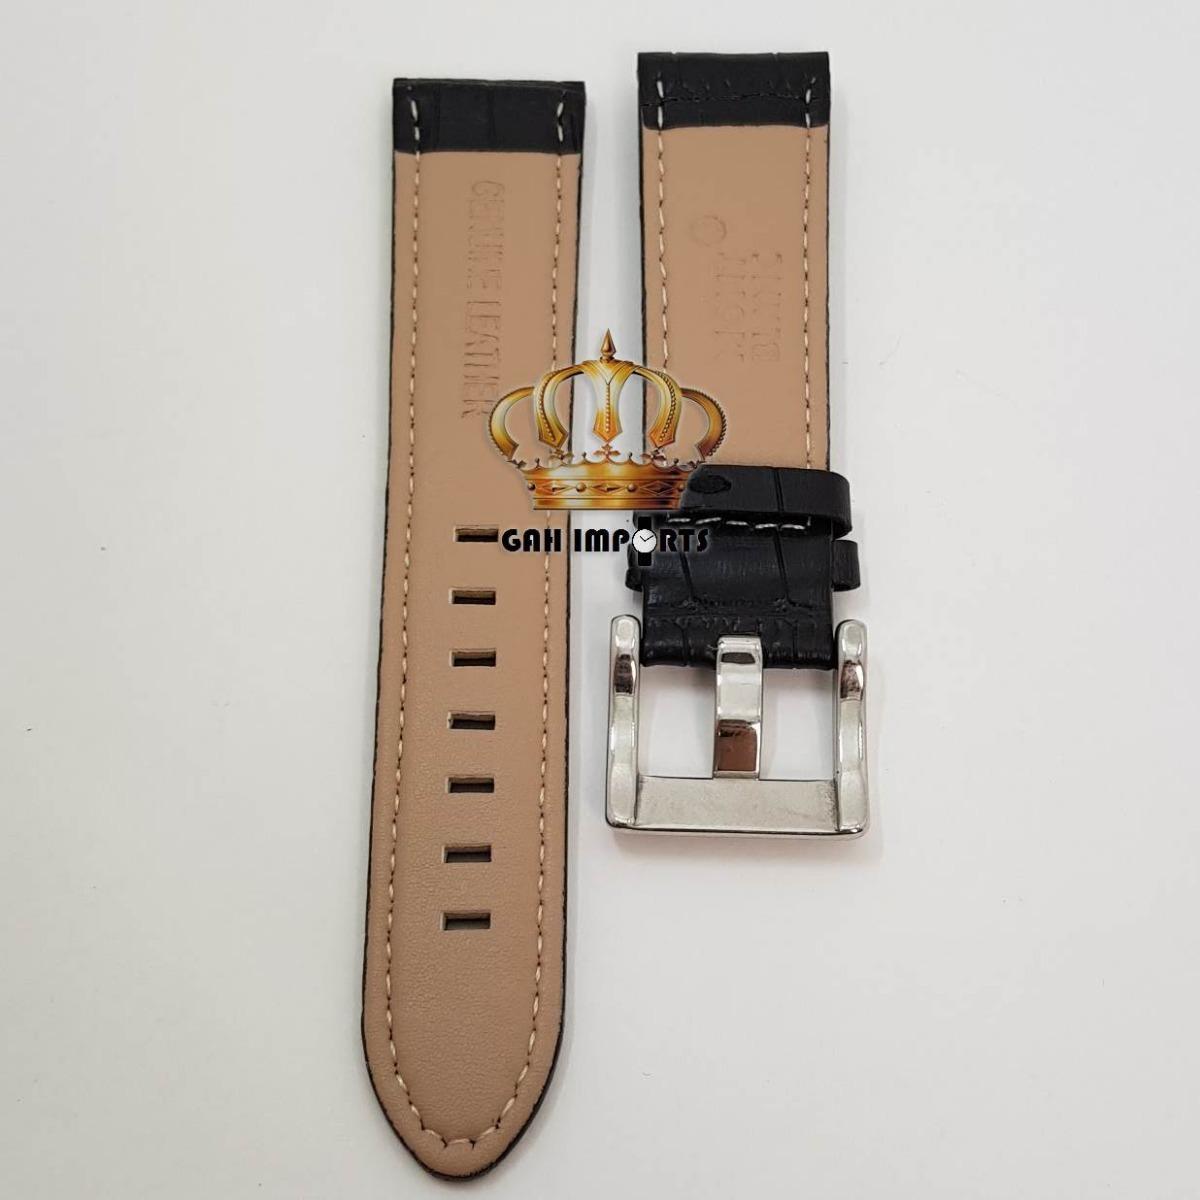 49ce3d0afc5 pulseira p  mont blanc 22mm couro preto com fivela prata. Carregando zoom.